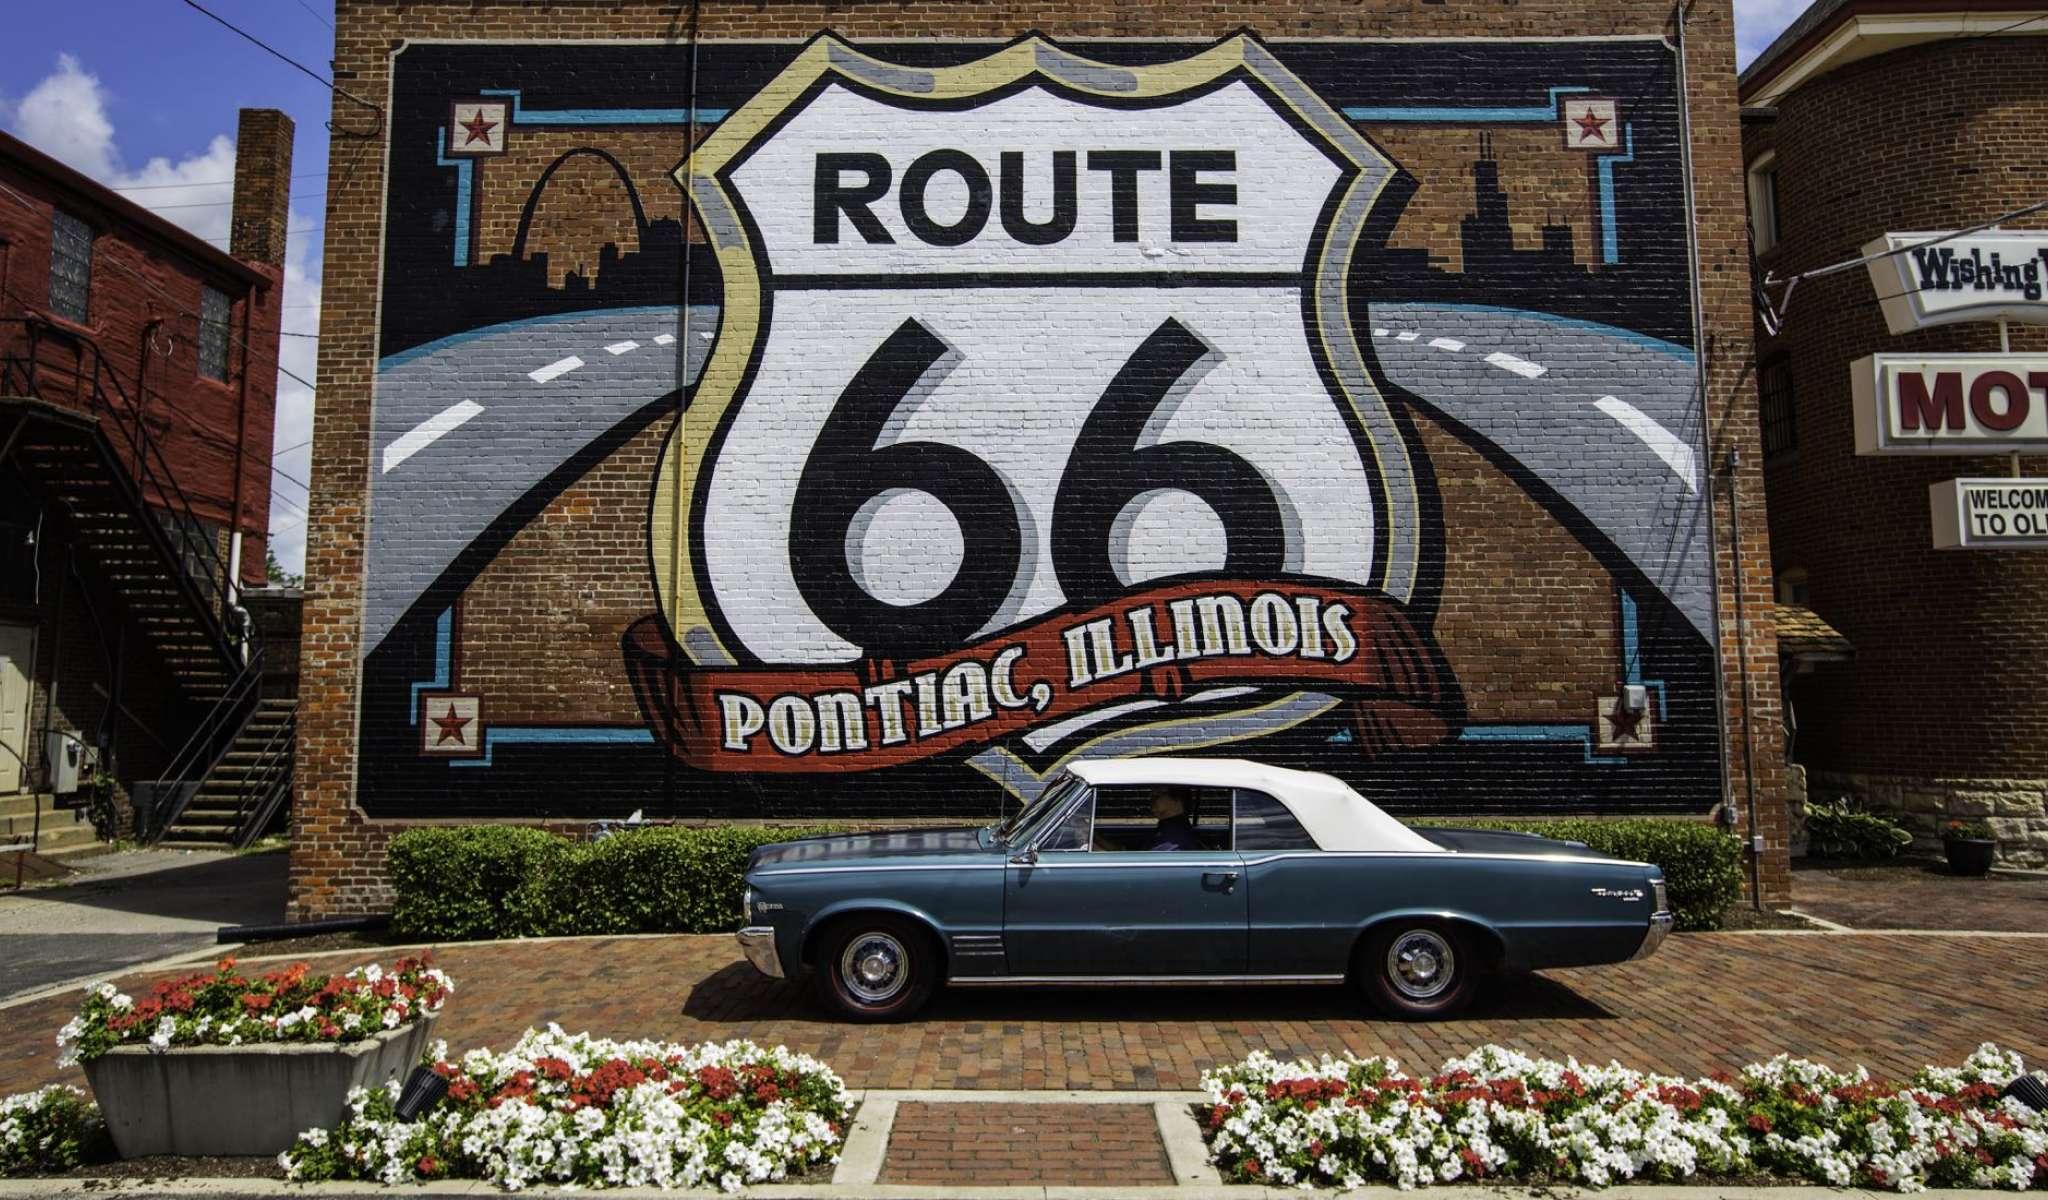 alquiler de autos ruta 66